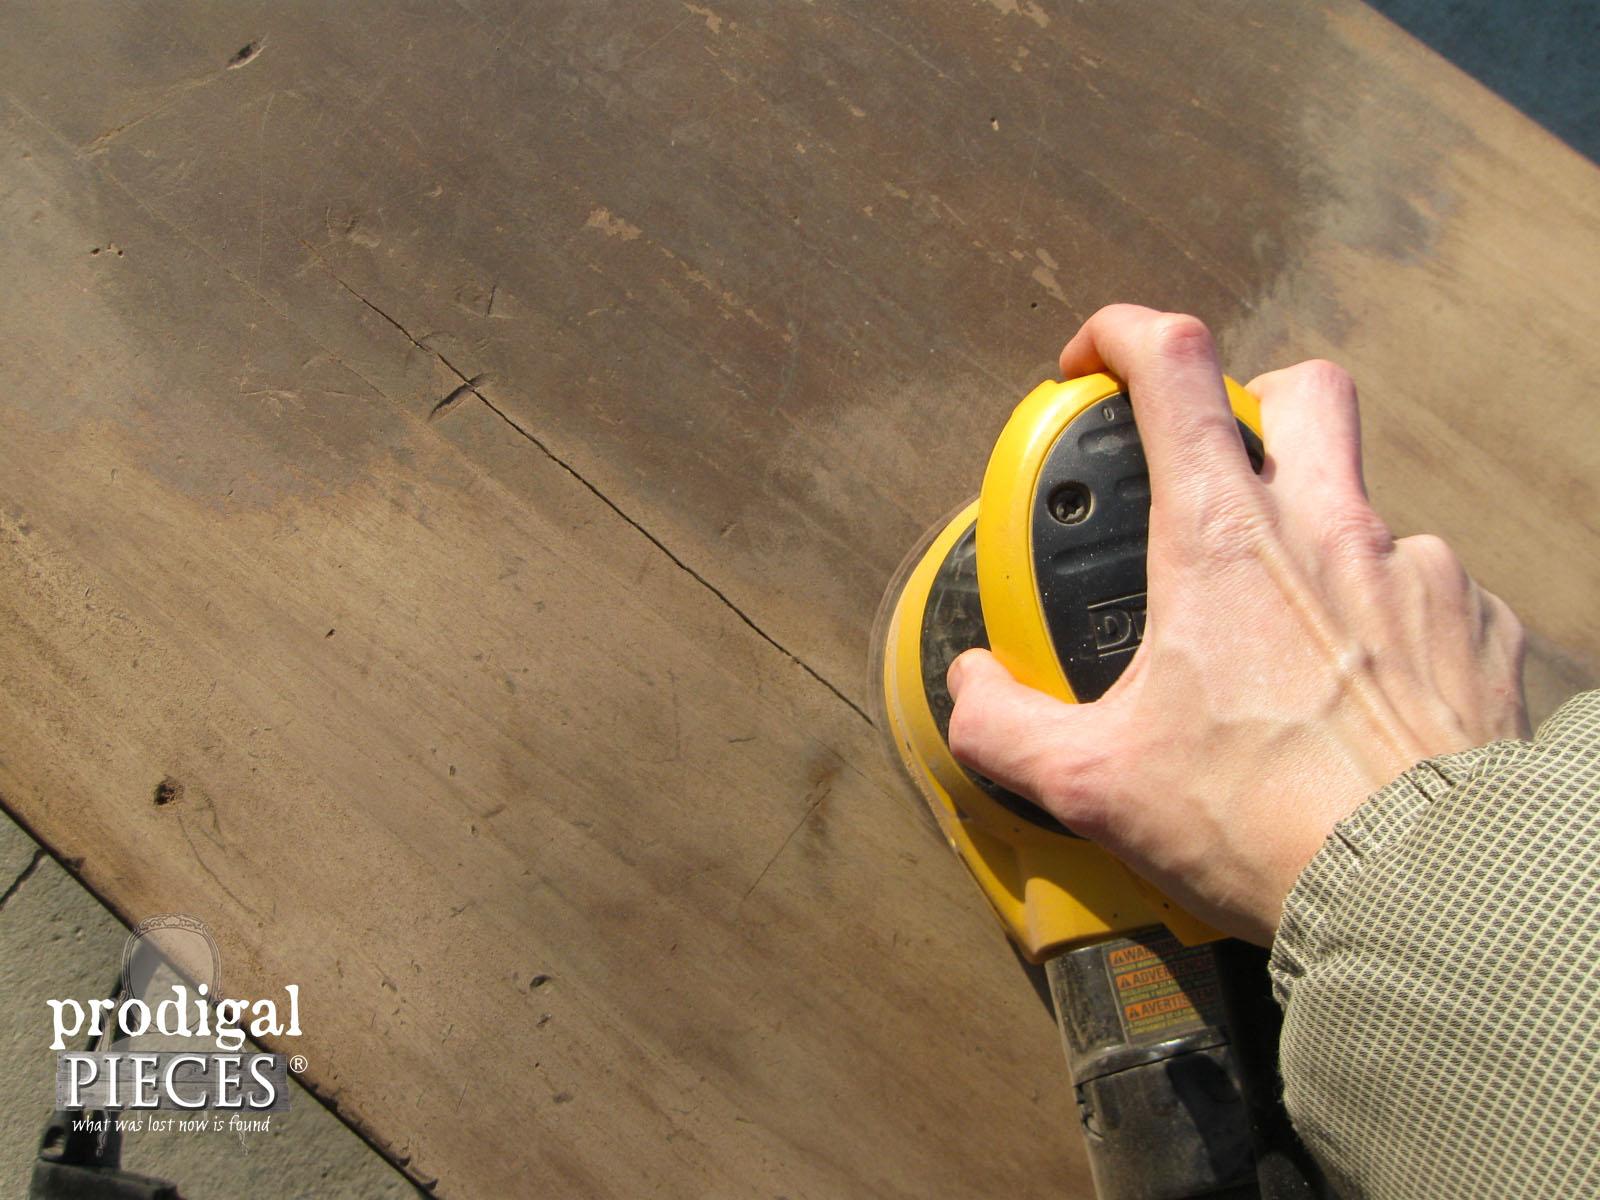 Sanding Antique Desk Top | Prodigal Pieces | www.prodigalpieces.com